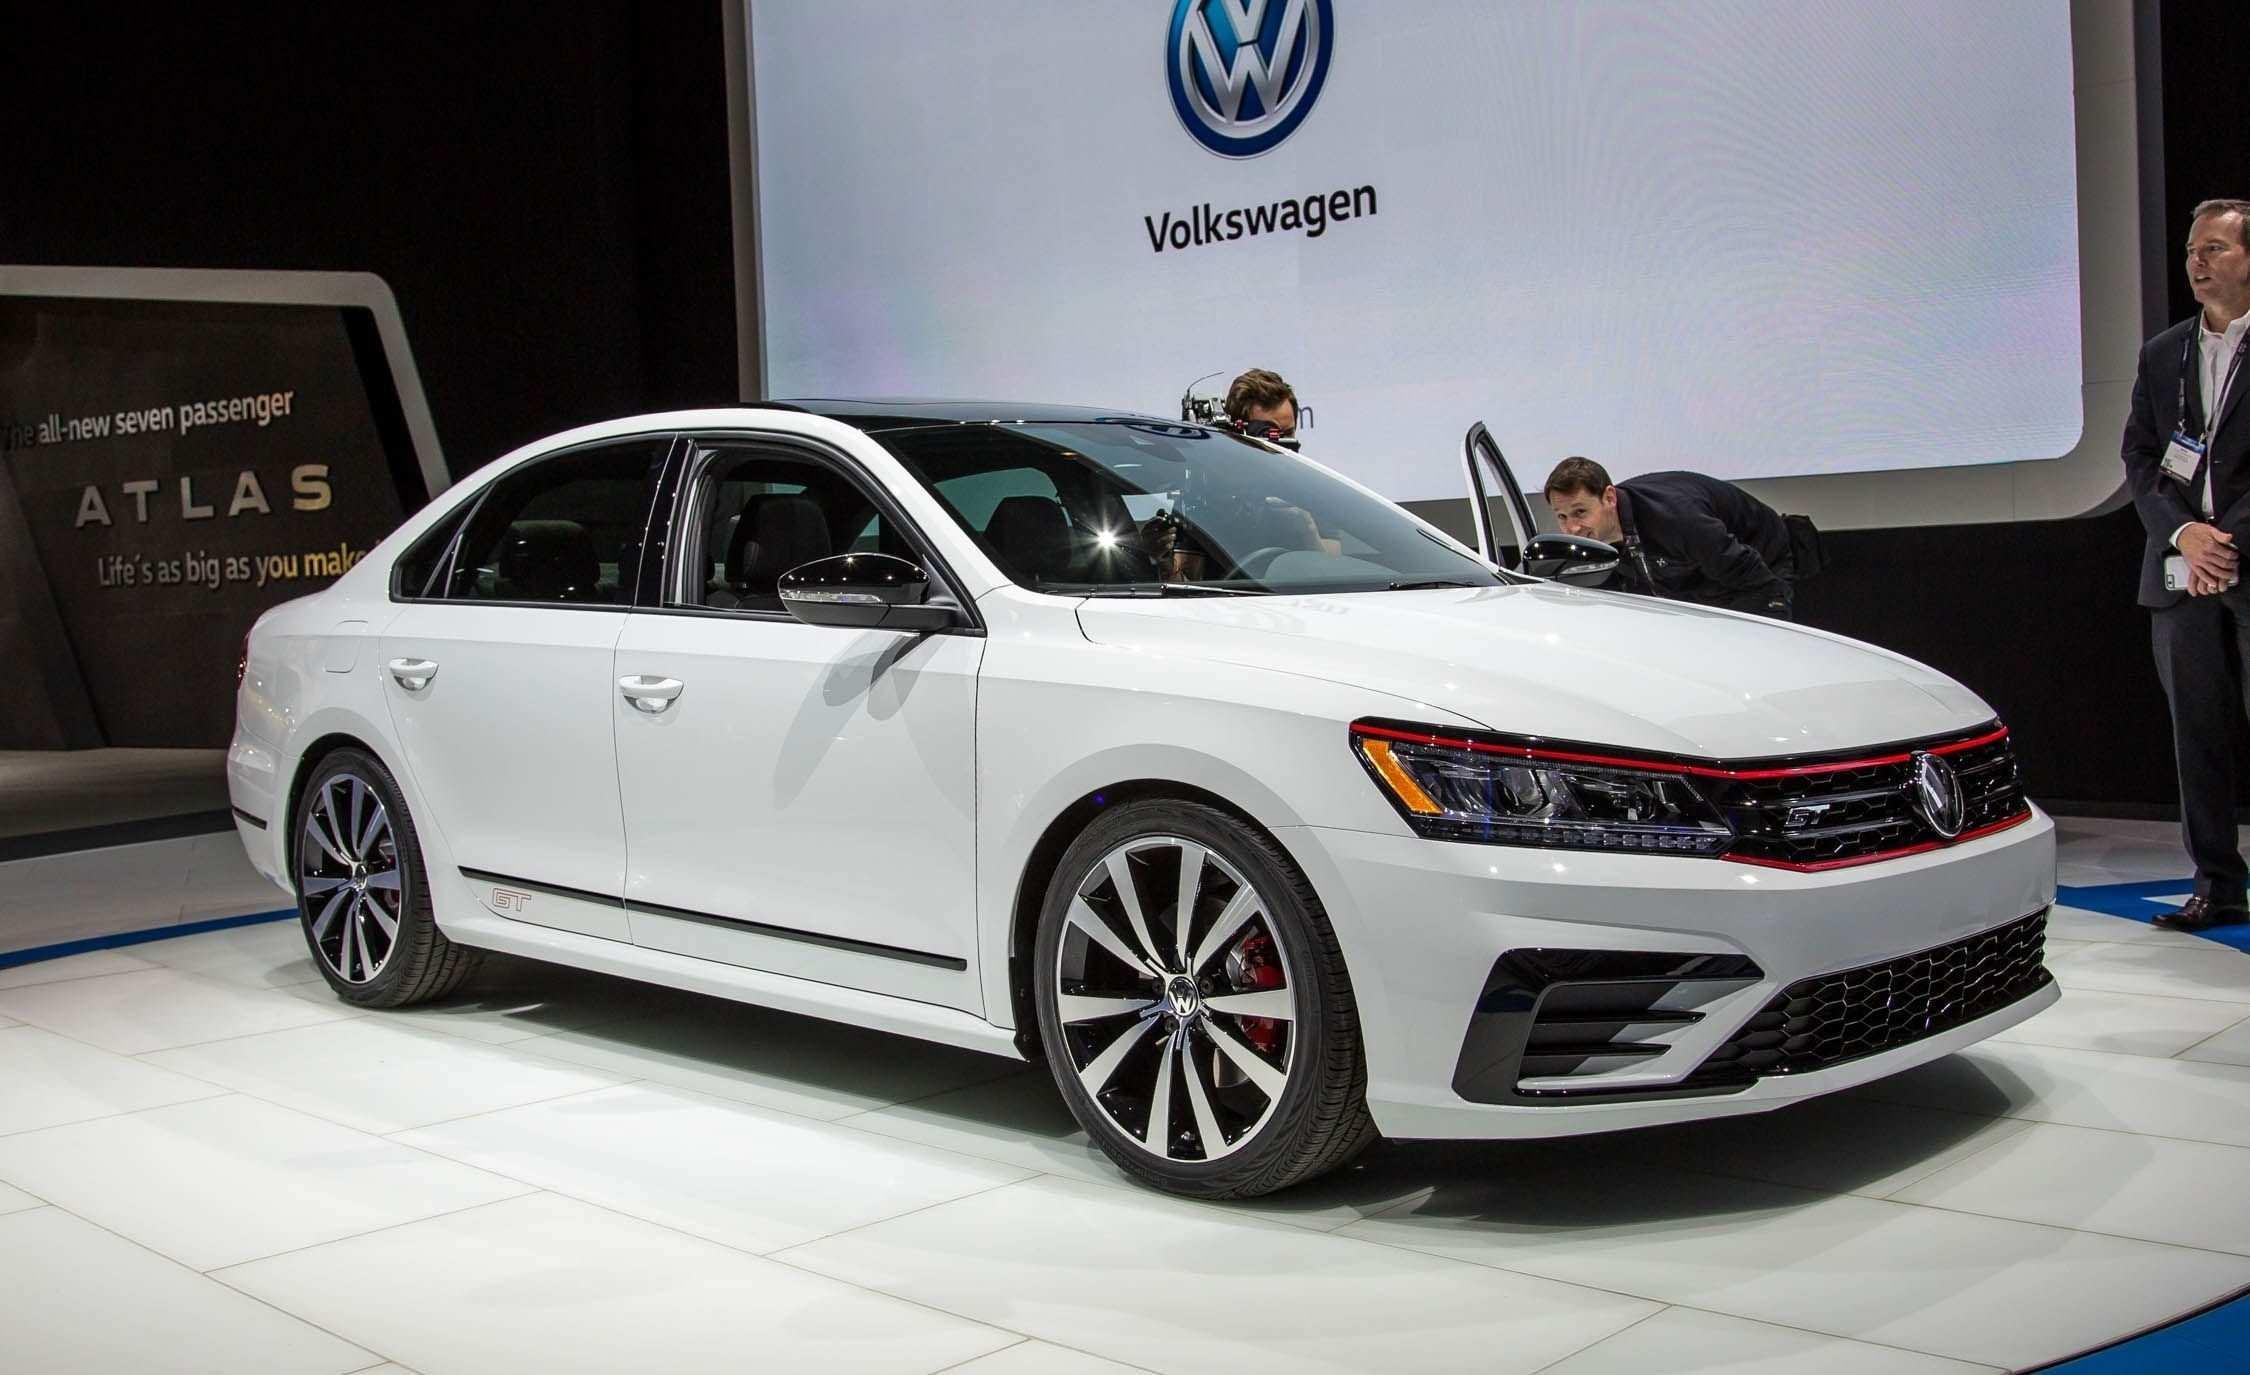 43 The Best Volkswagen Passat Gt 2019 Exterior New Review by Best Volkswagen Passat Gt 2019 Exterior